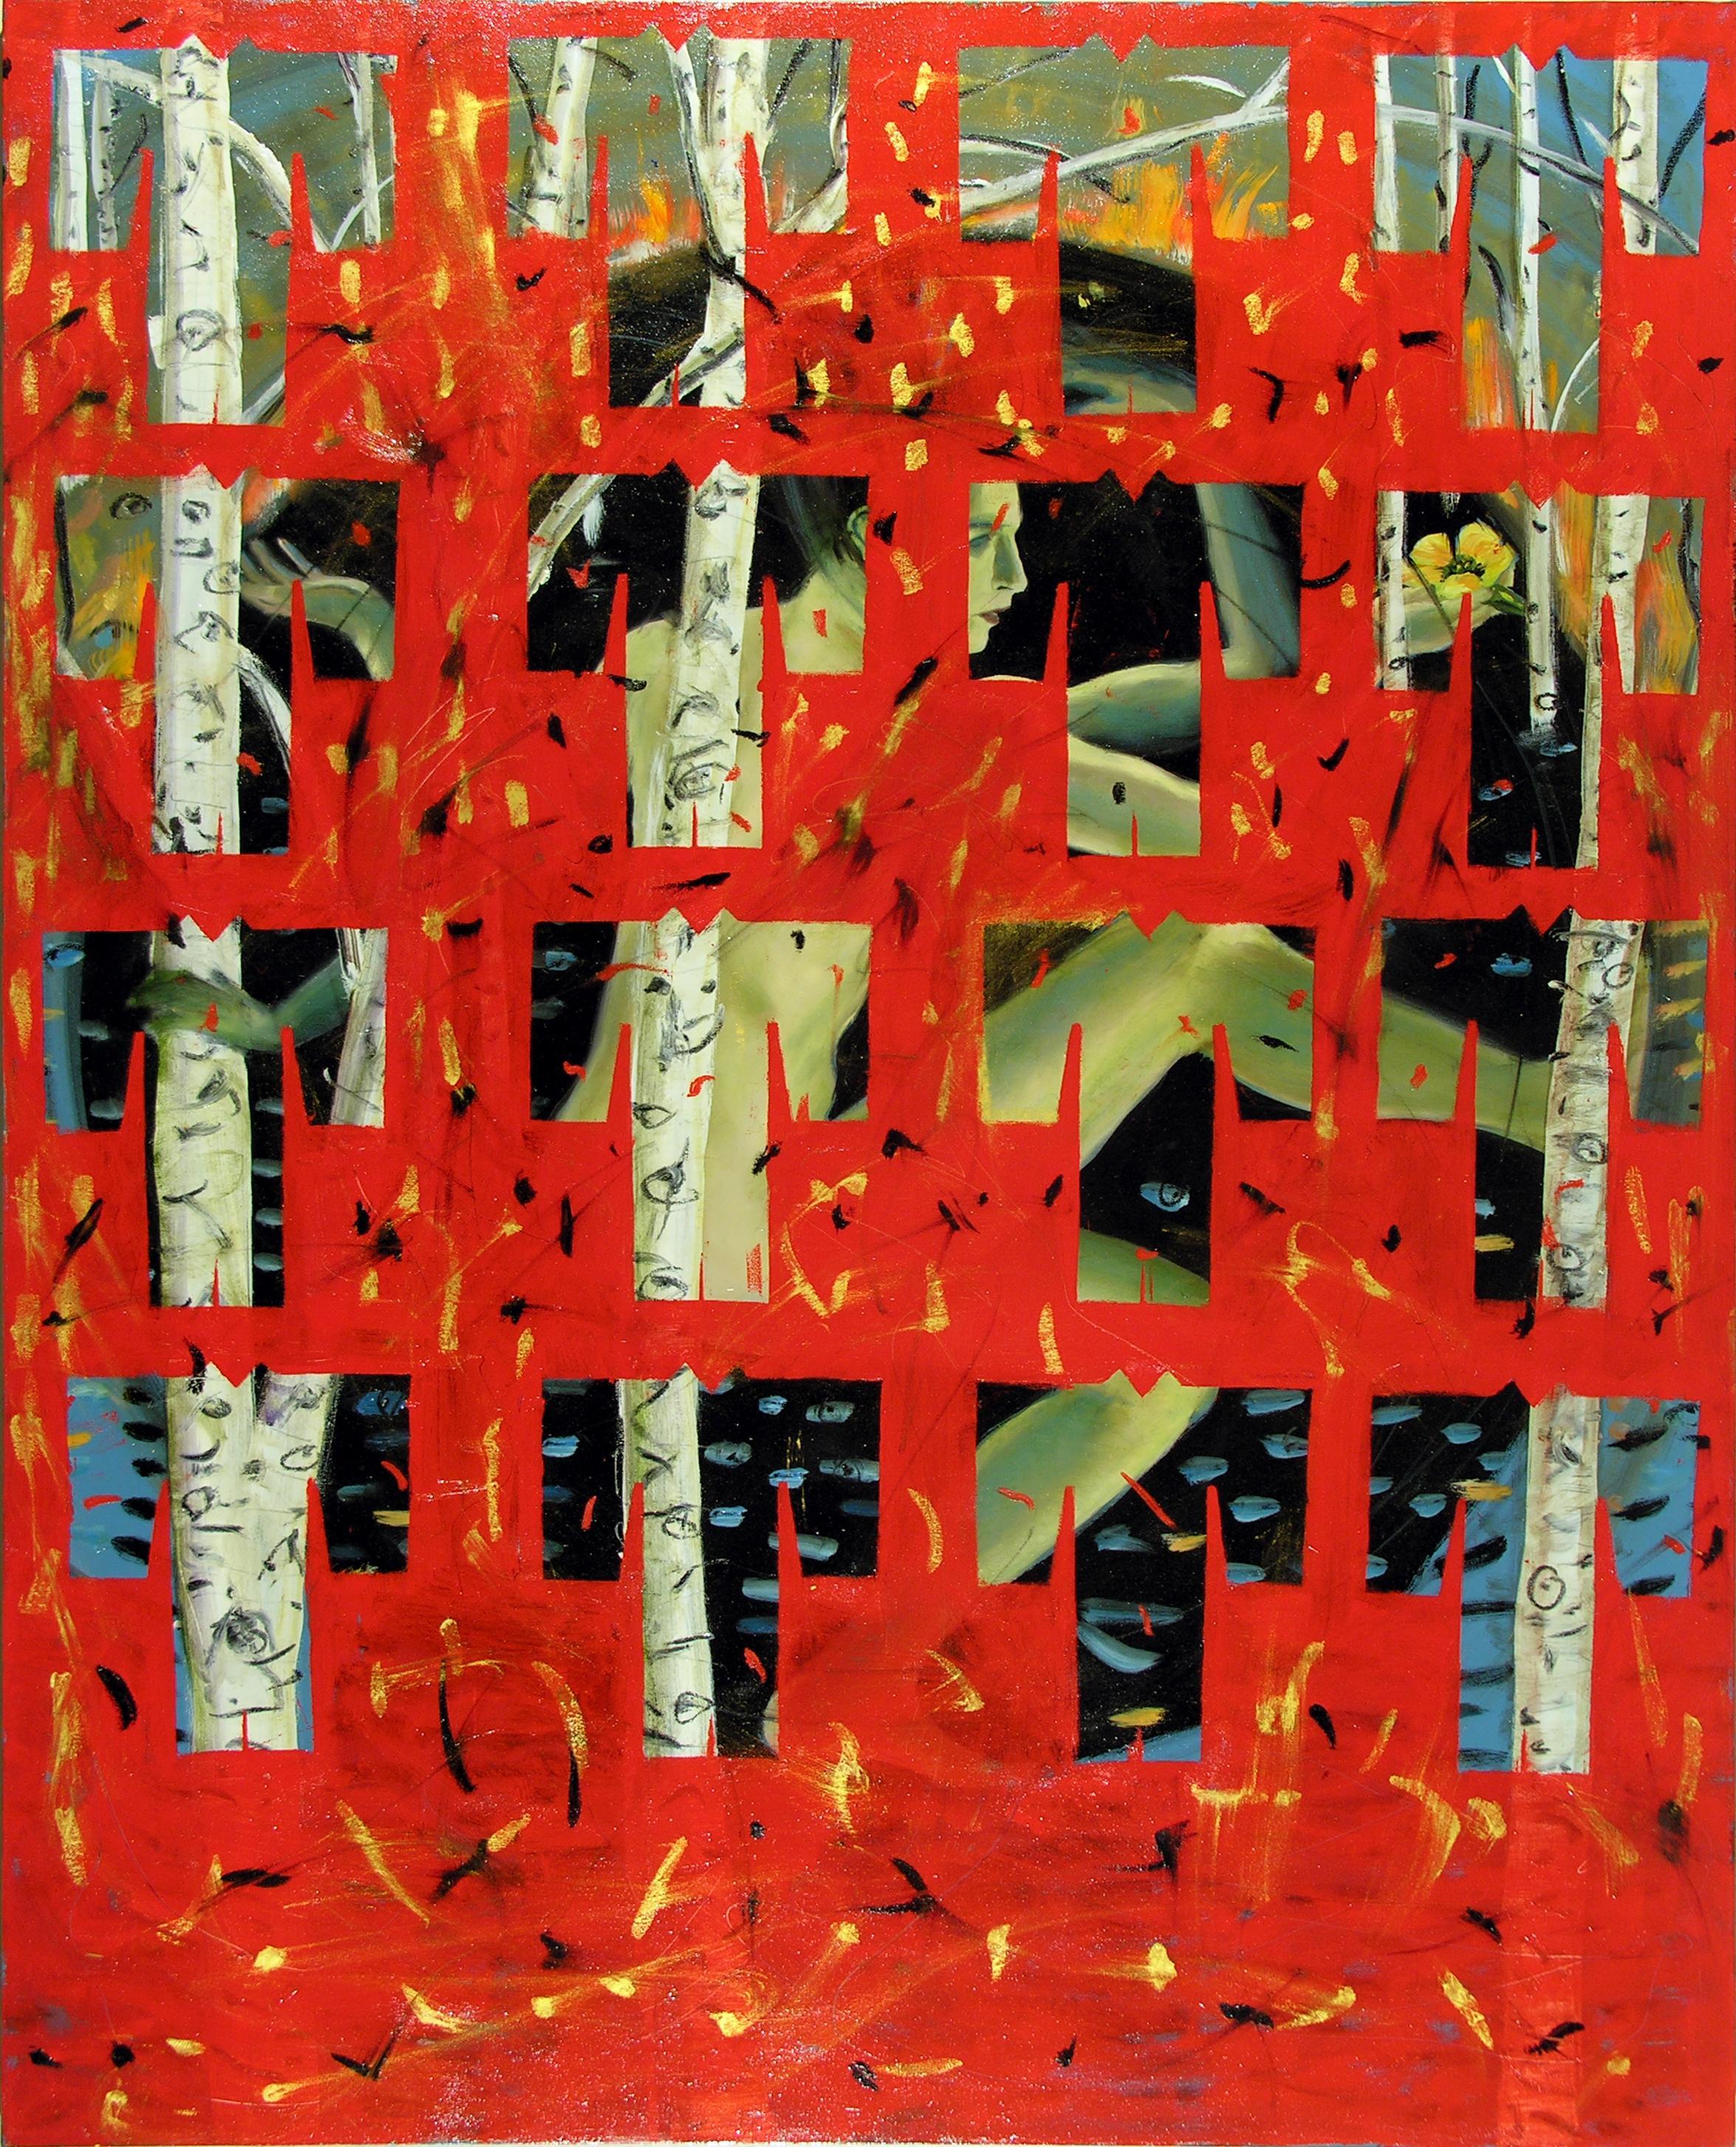 Red Kimono Matrix, colorful, enigmatic pattern